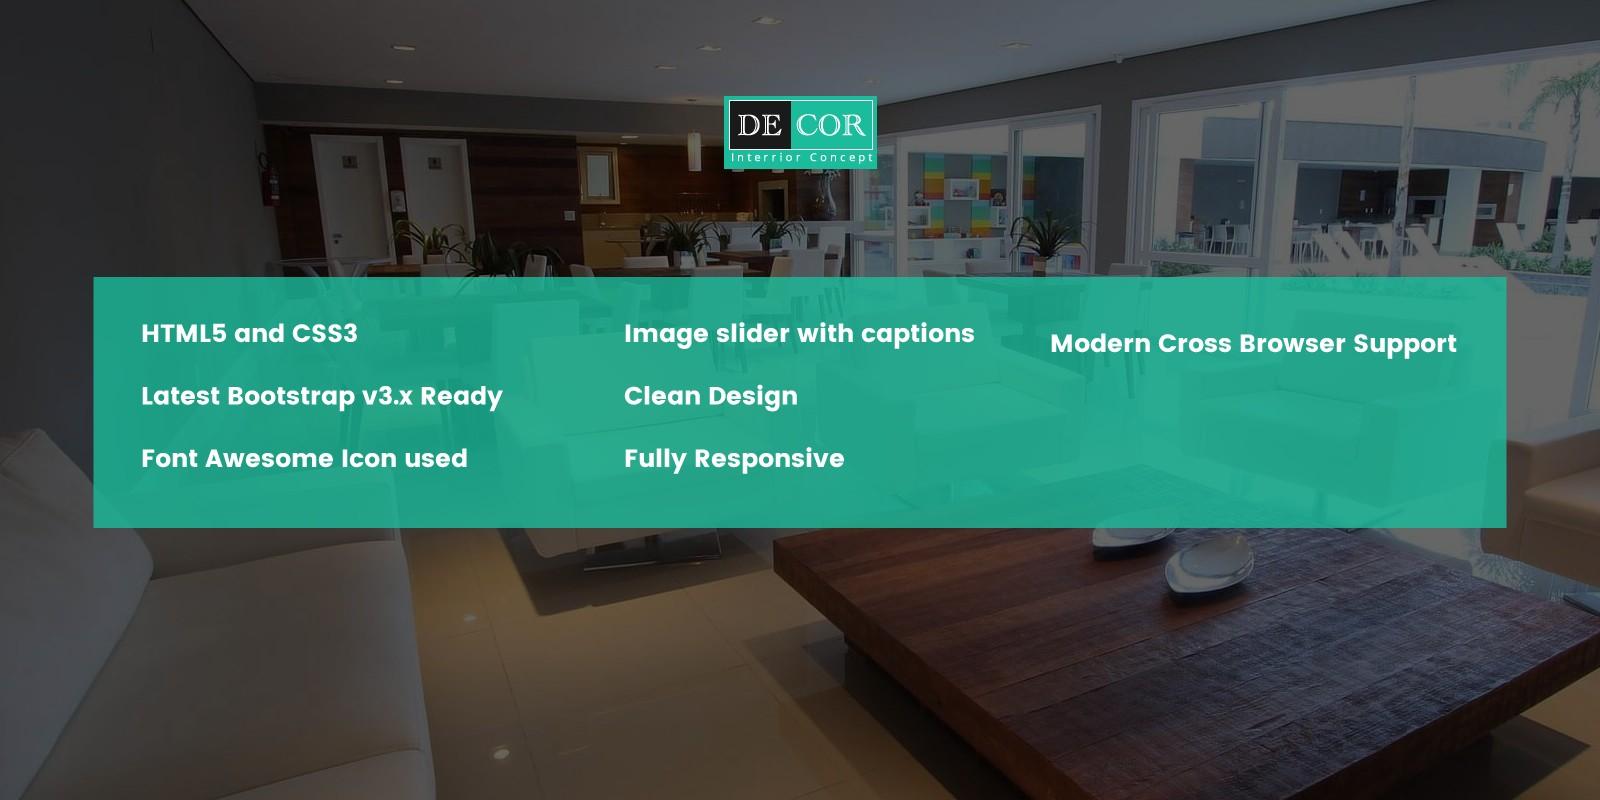 Decor - Corporate Interior Design HTML5 Template